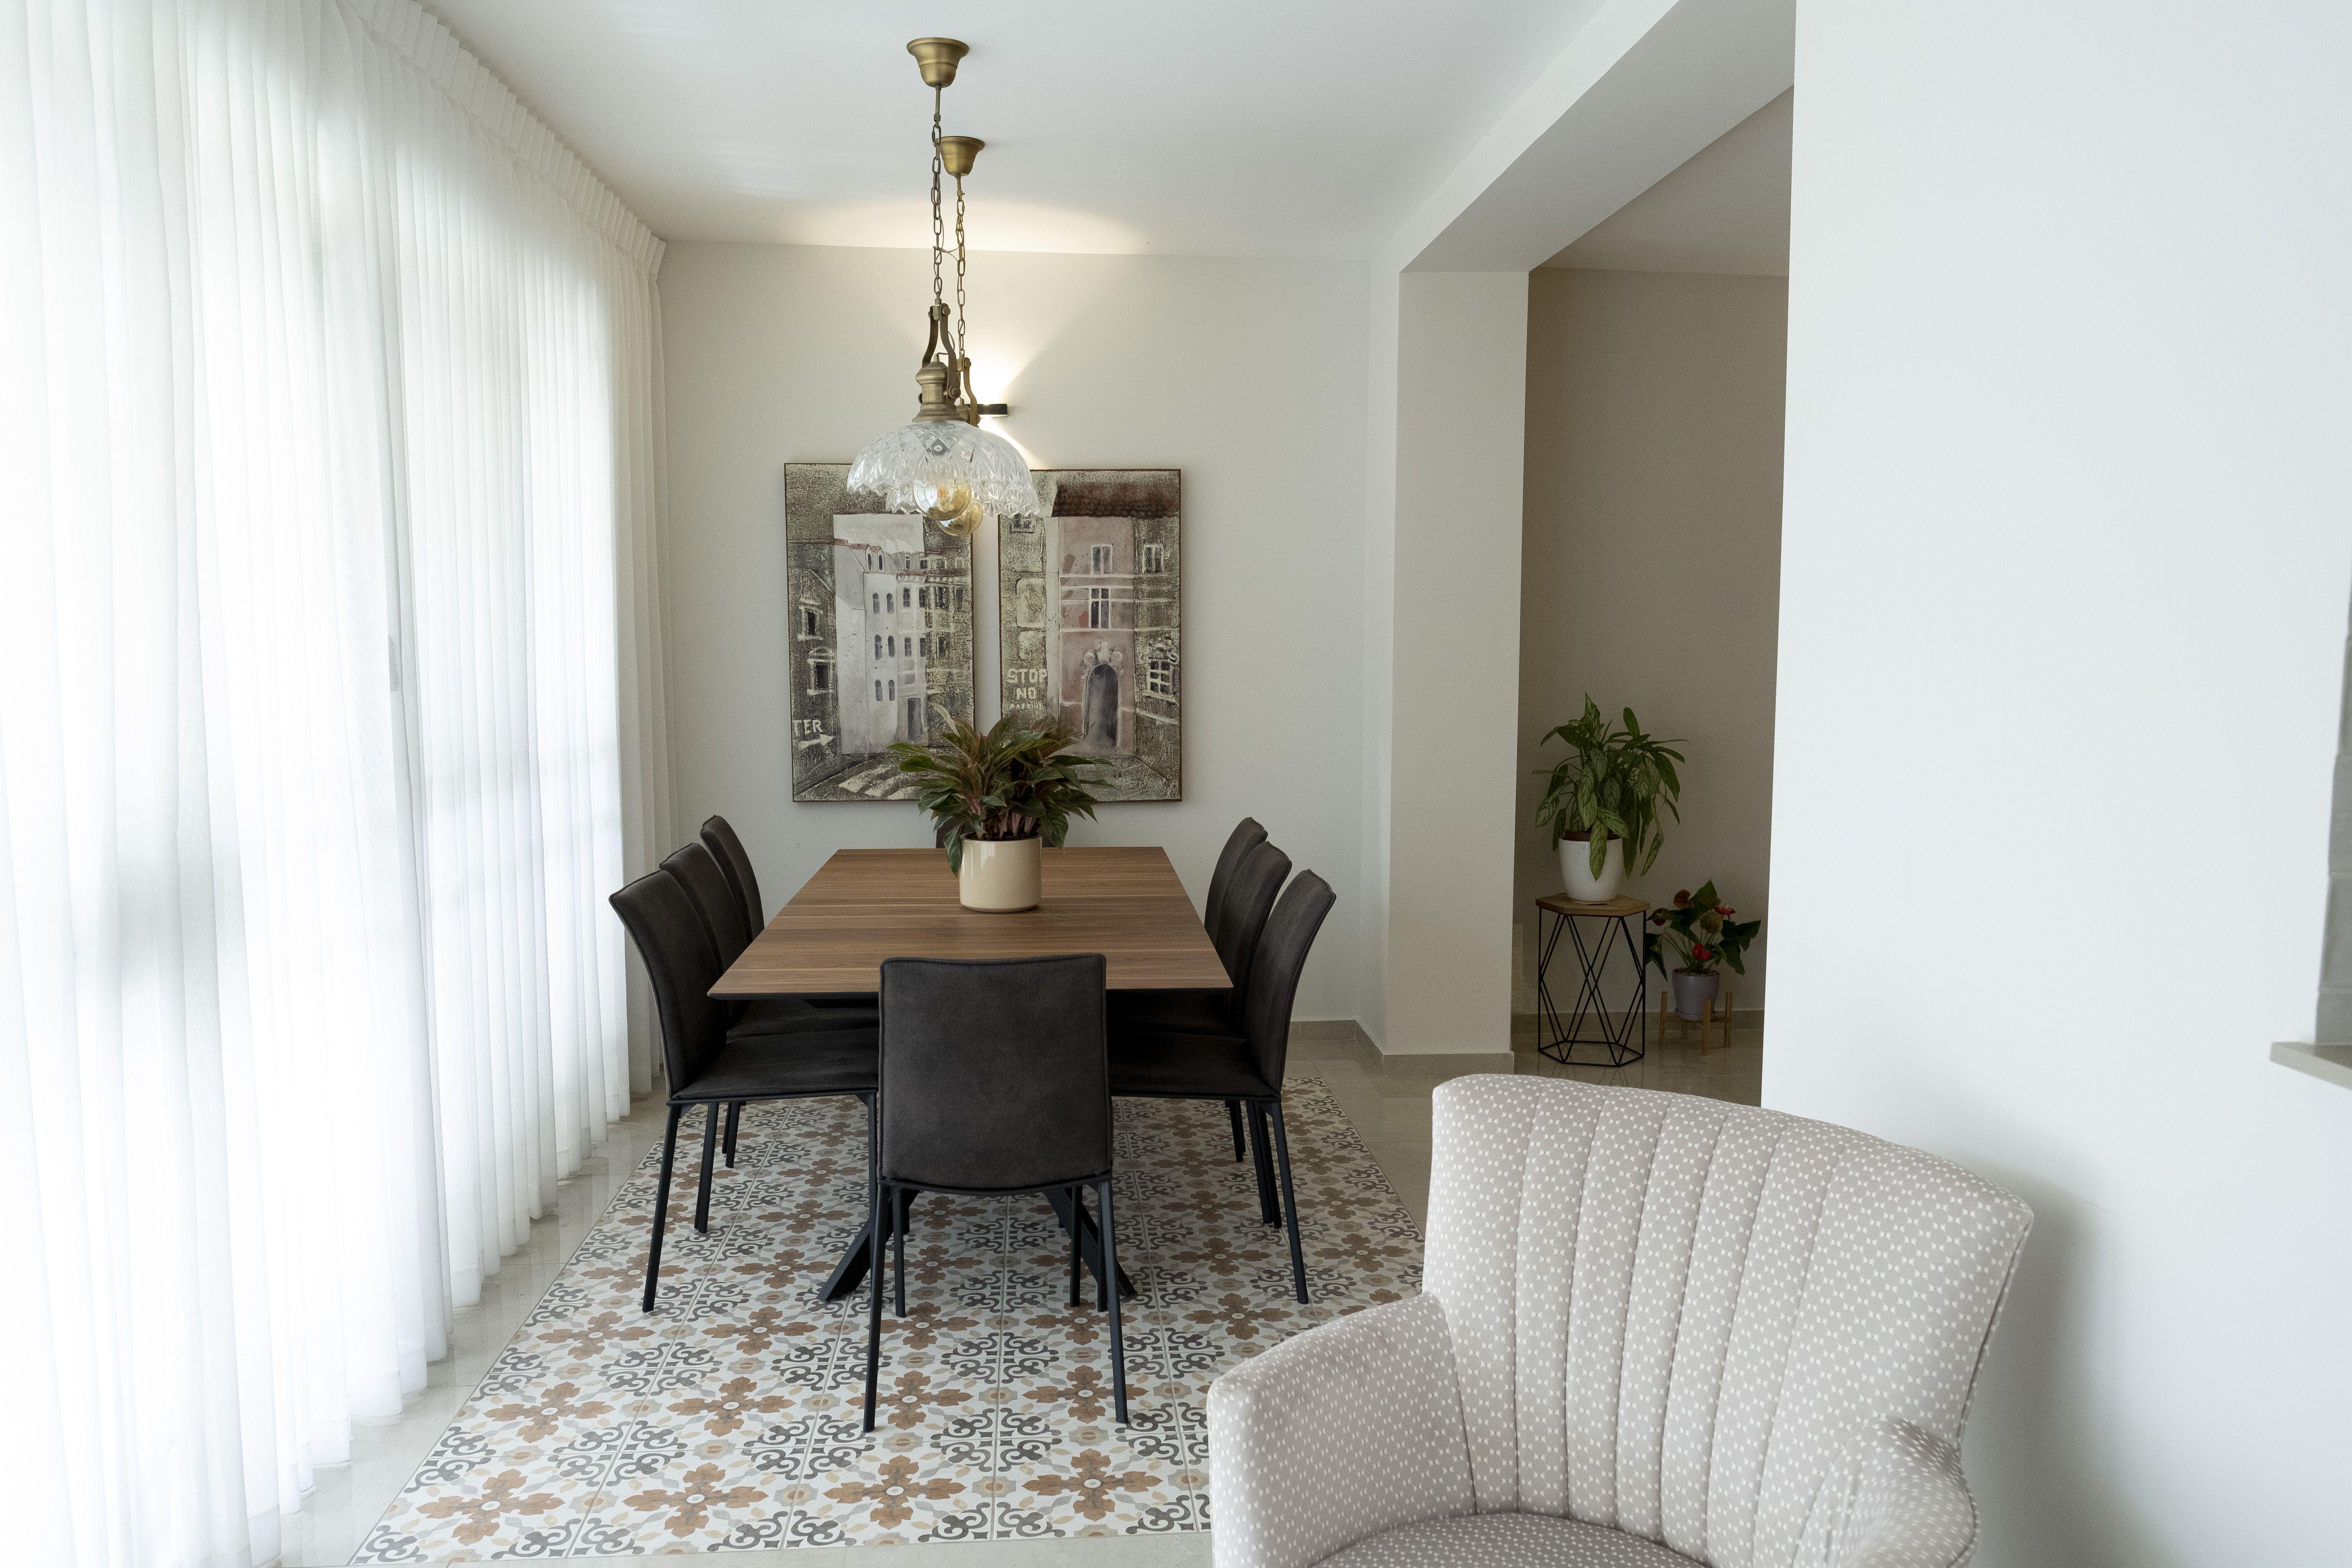 עיצוב פינות אוכל Home Decor Home Furniture